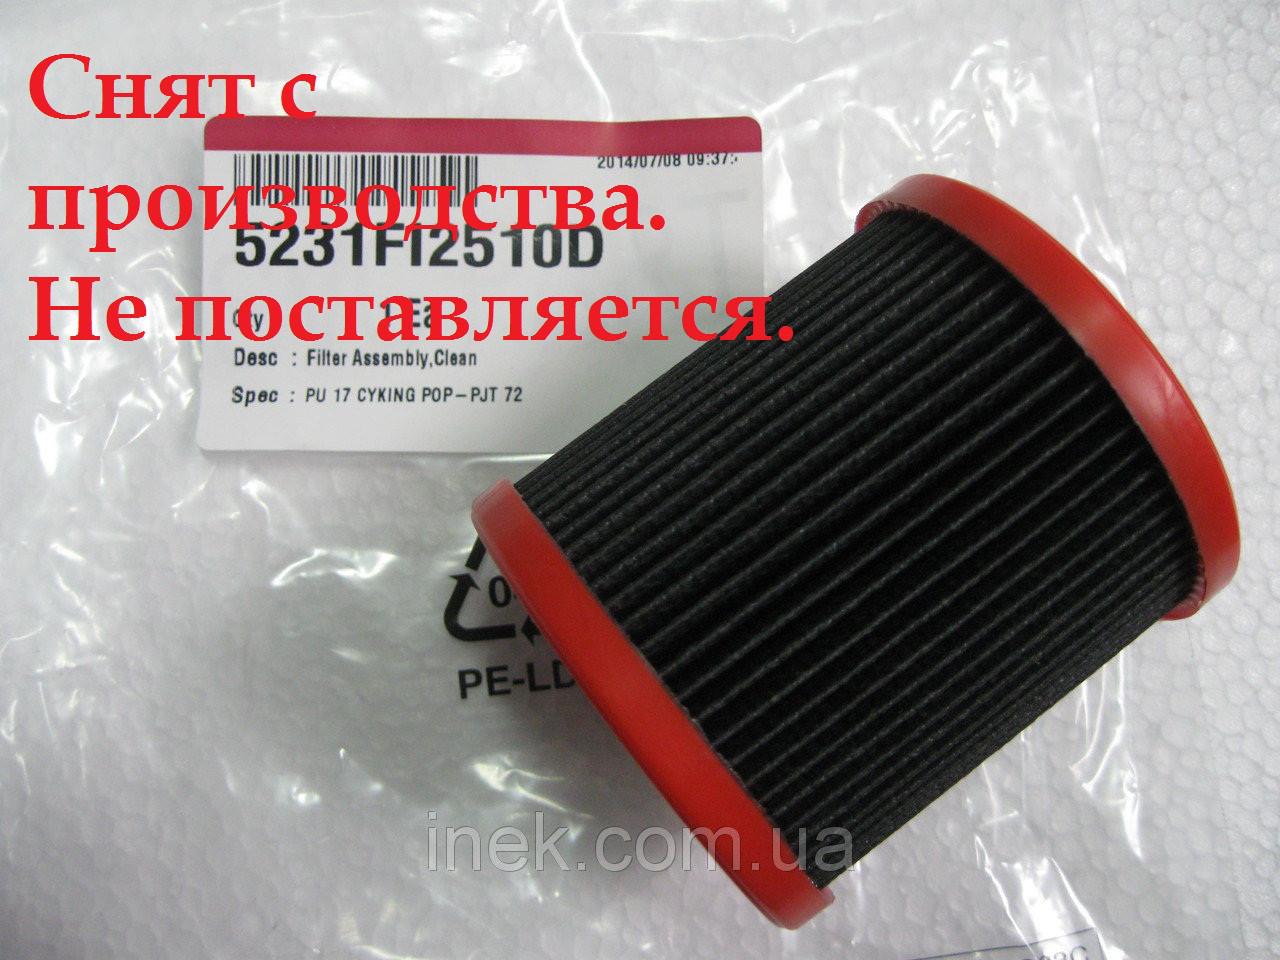 Фильтр пылесоса LG V-C7271HTU, 5231FI2510D, фото 1